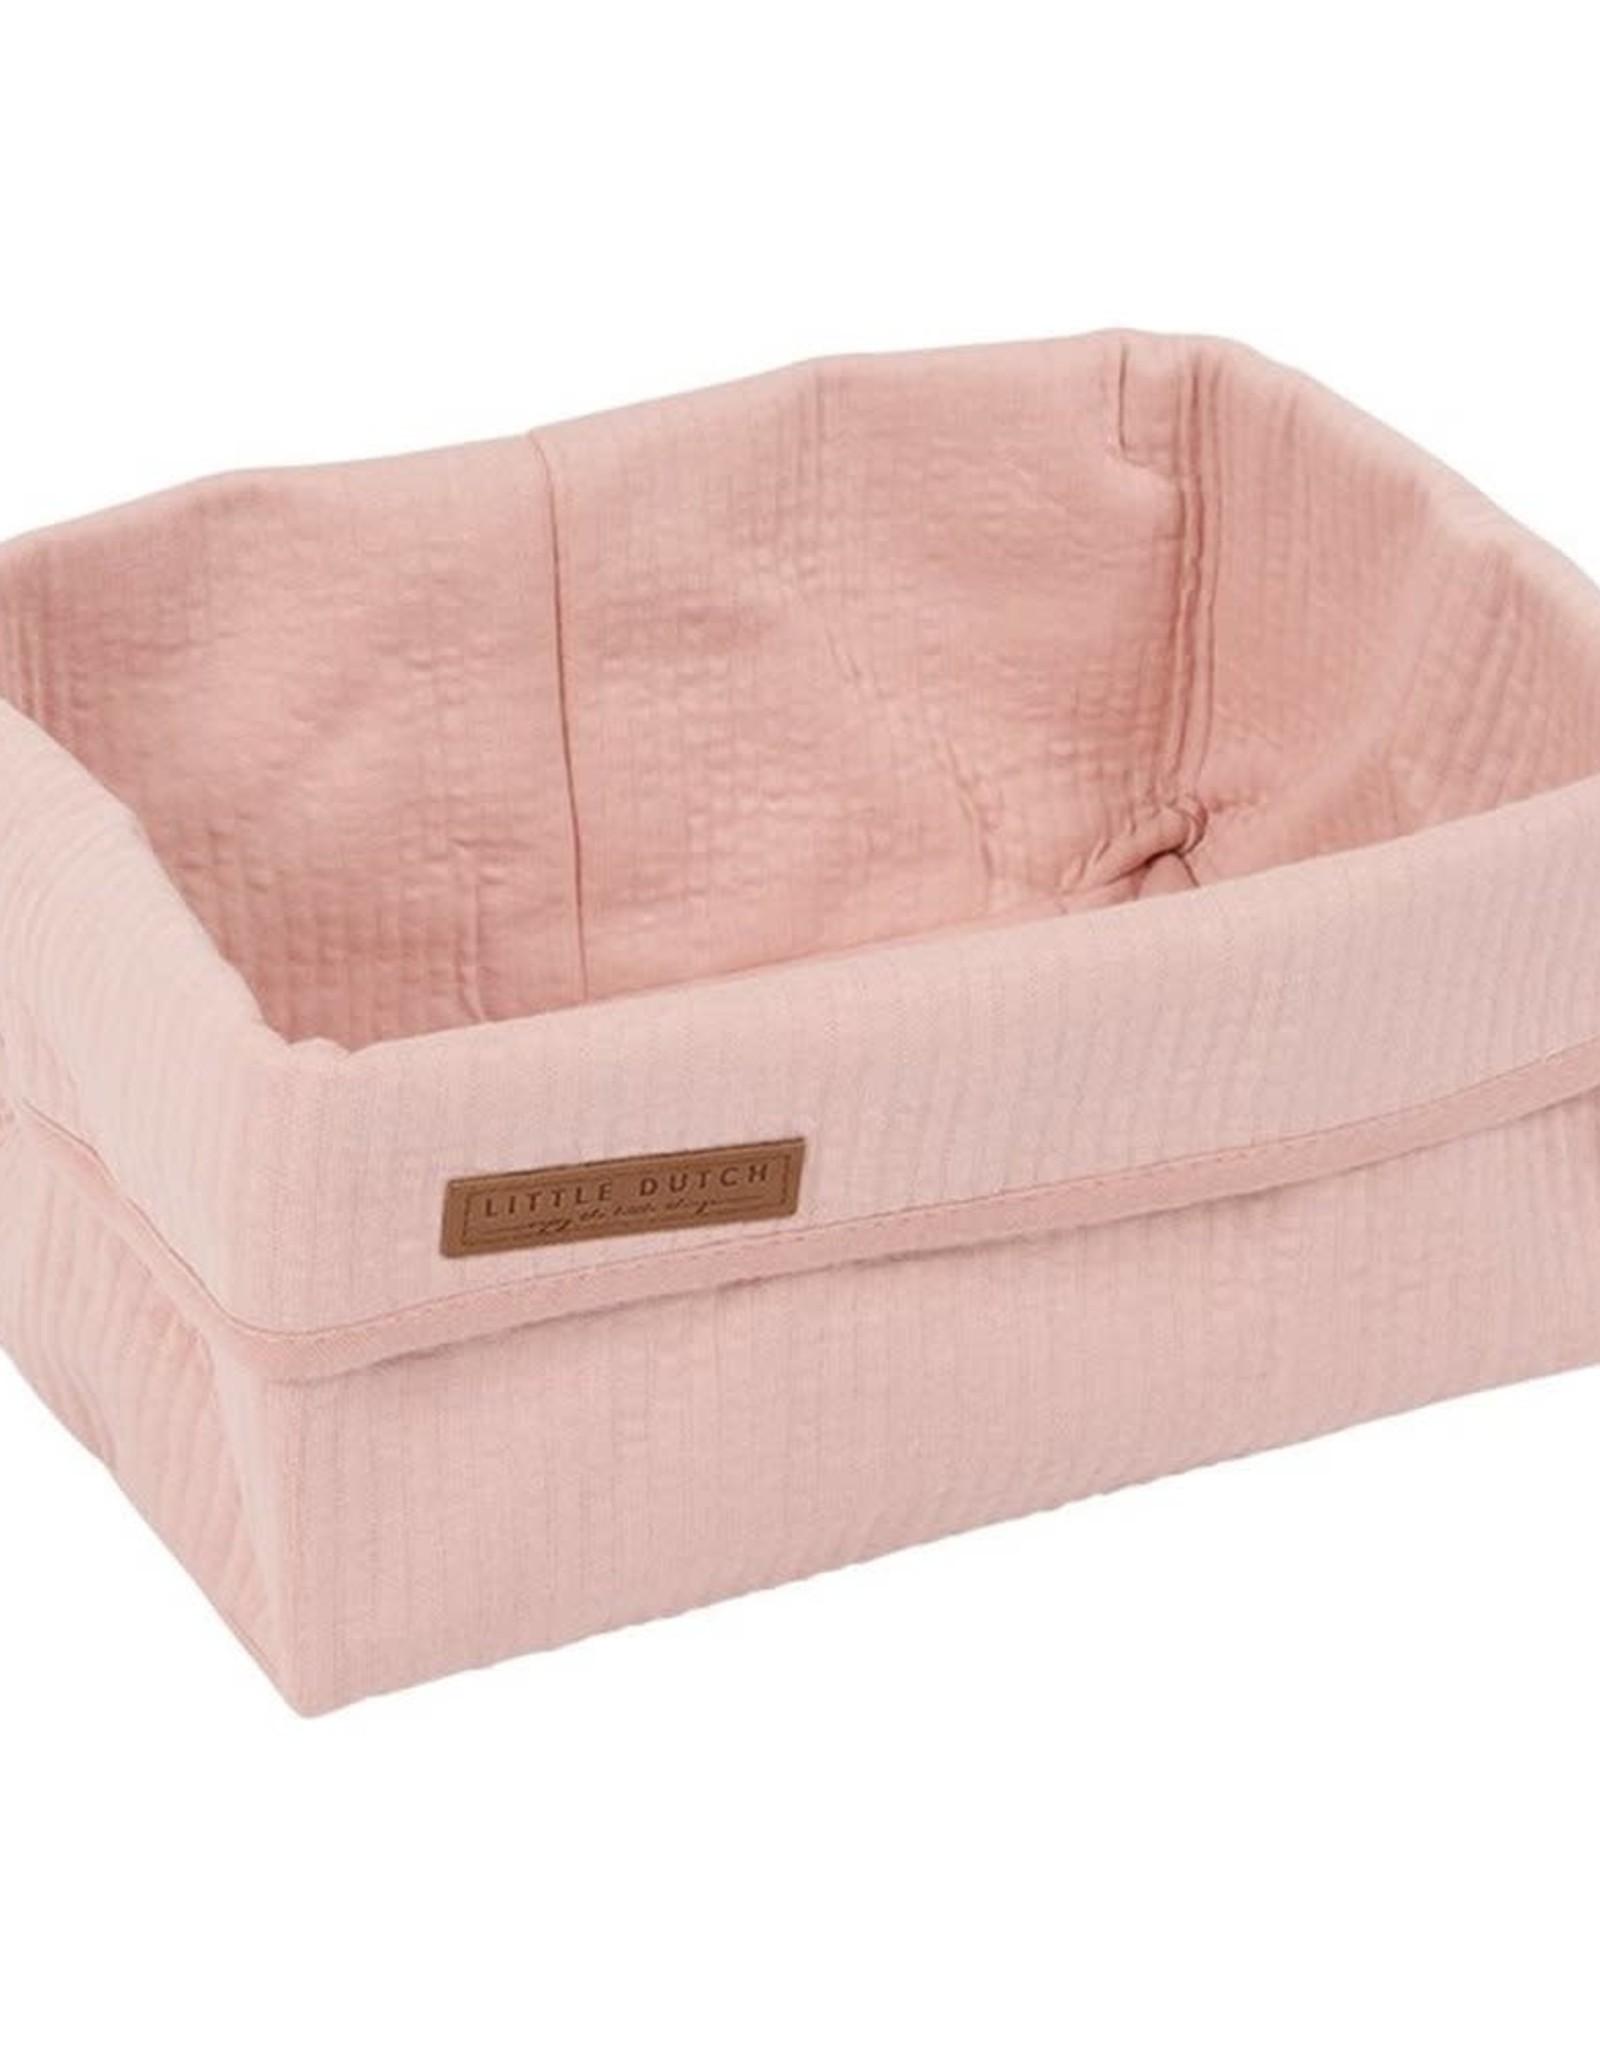 Little Dutch Little Dutch commode mandje groot pink